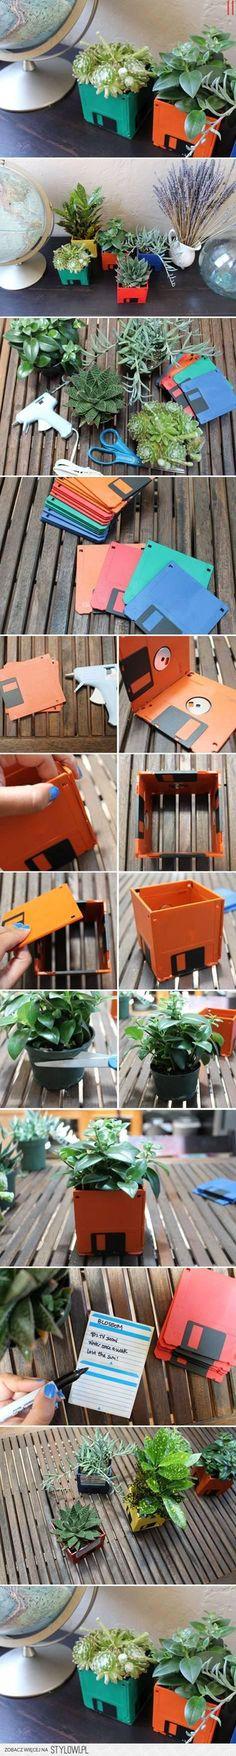 Eski Disketlerden Minyatür Saksı Yapmak